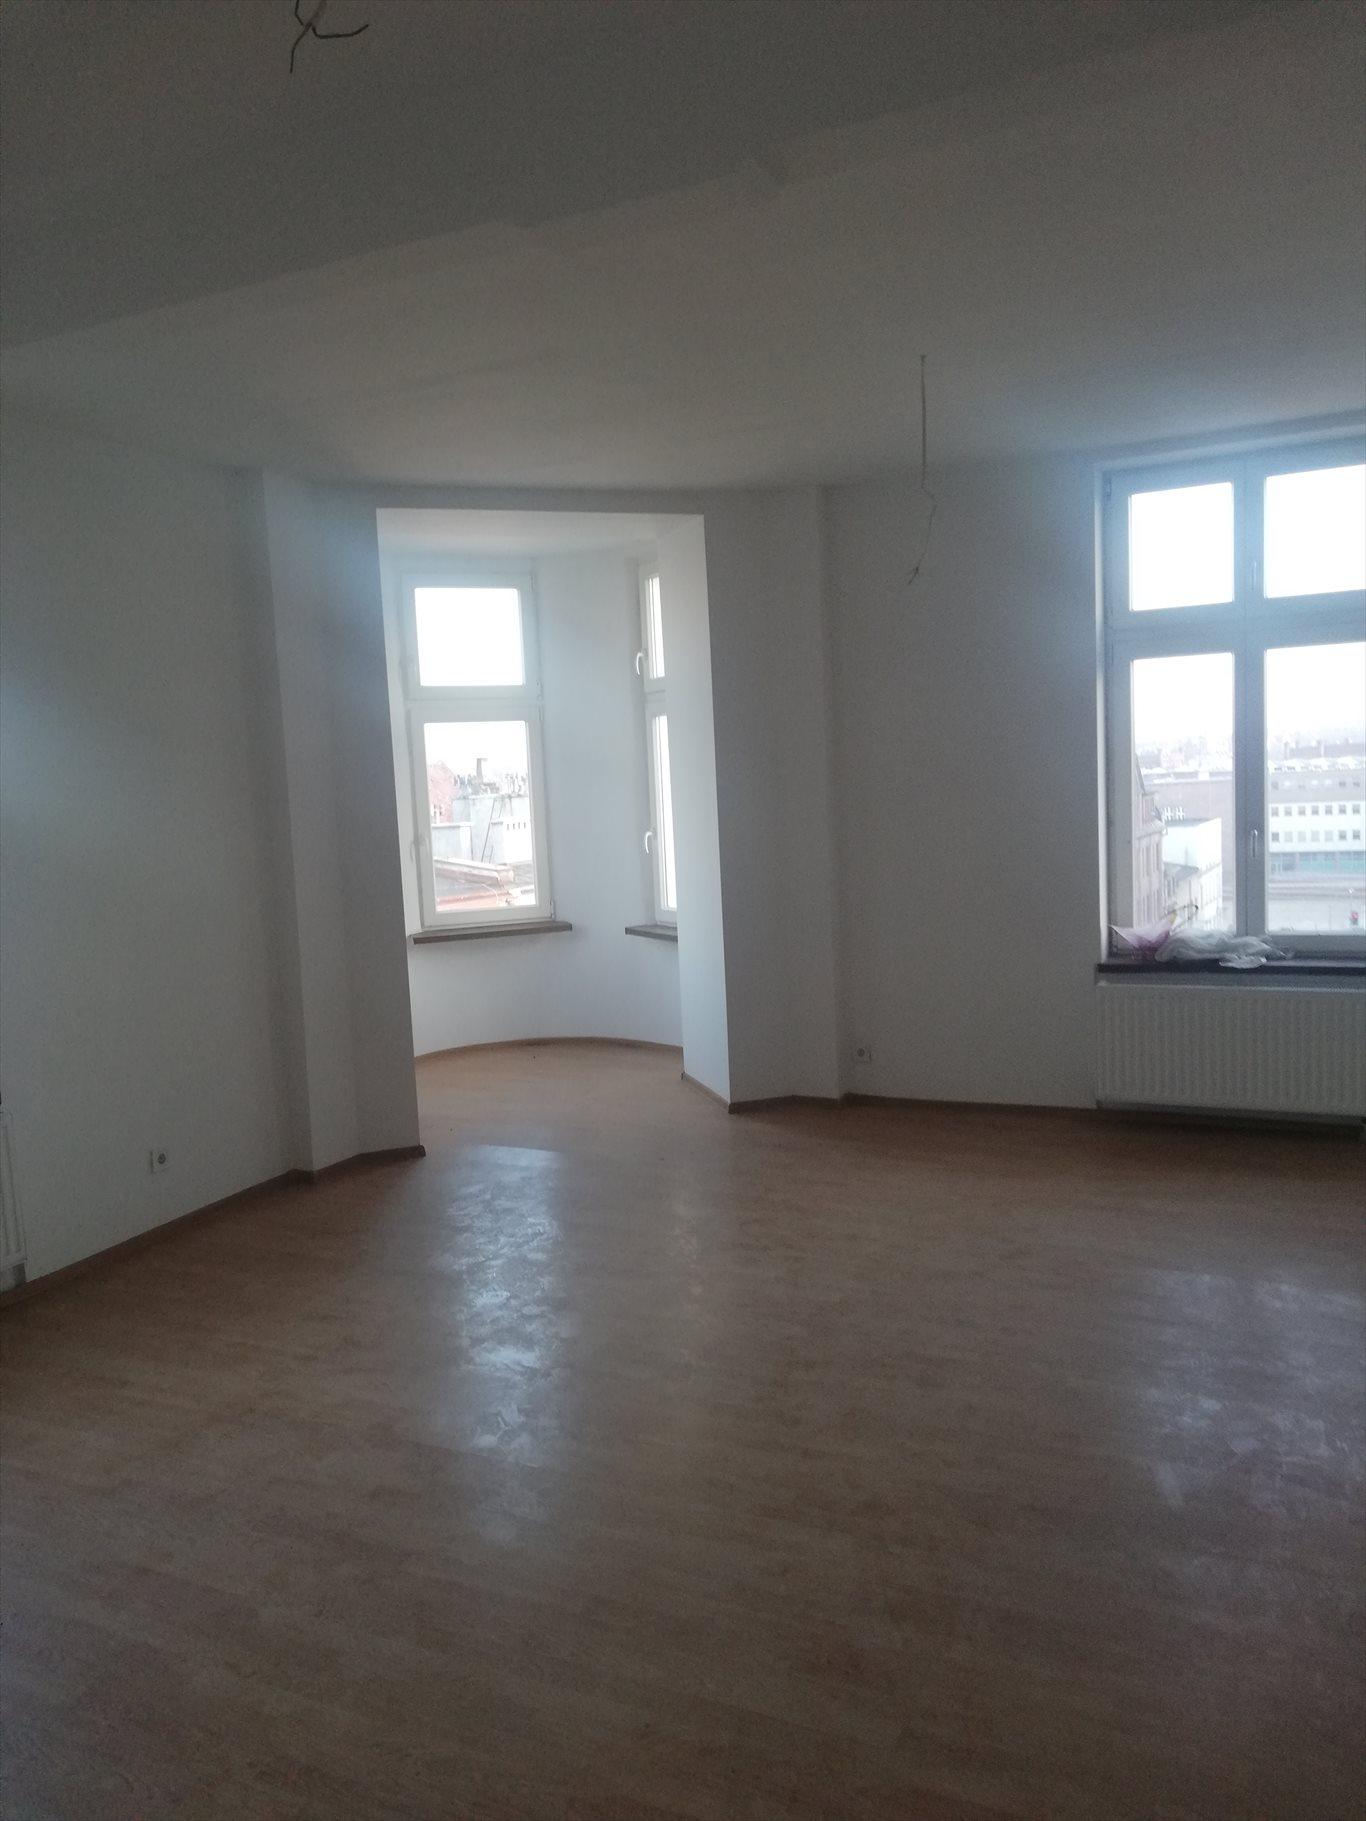 Mieszkanie trzypokojowe na wynajem Bytom, Śródmieście, Rynek  117m2 Foto 1